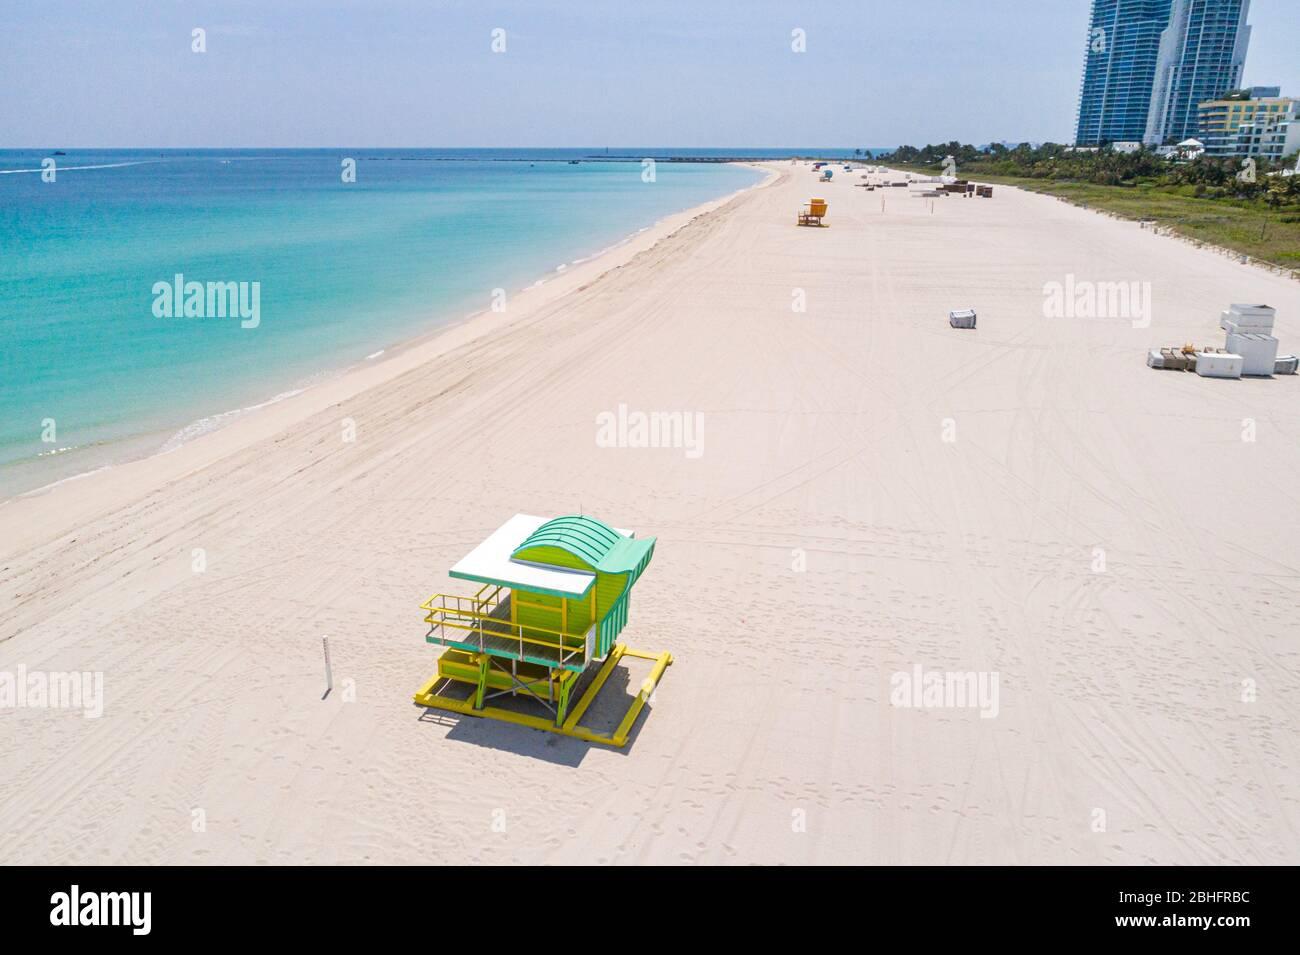 Florida Miami Beach Océan Atlantique South Beach aérien public au-dessus de la tête vue panoramique au-dessus du coronavirus de la station de sauvetage de surf d'eau de sable Covid-19 vir Banque D'Images